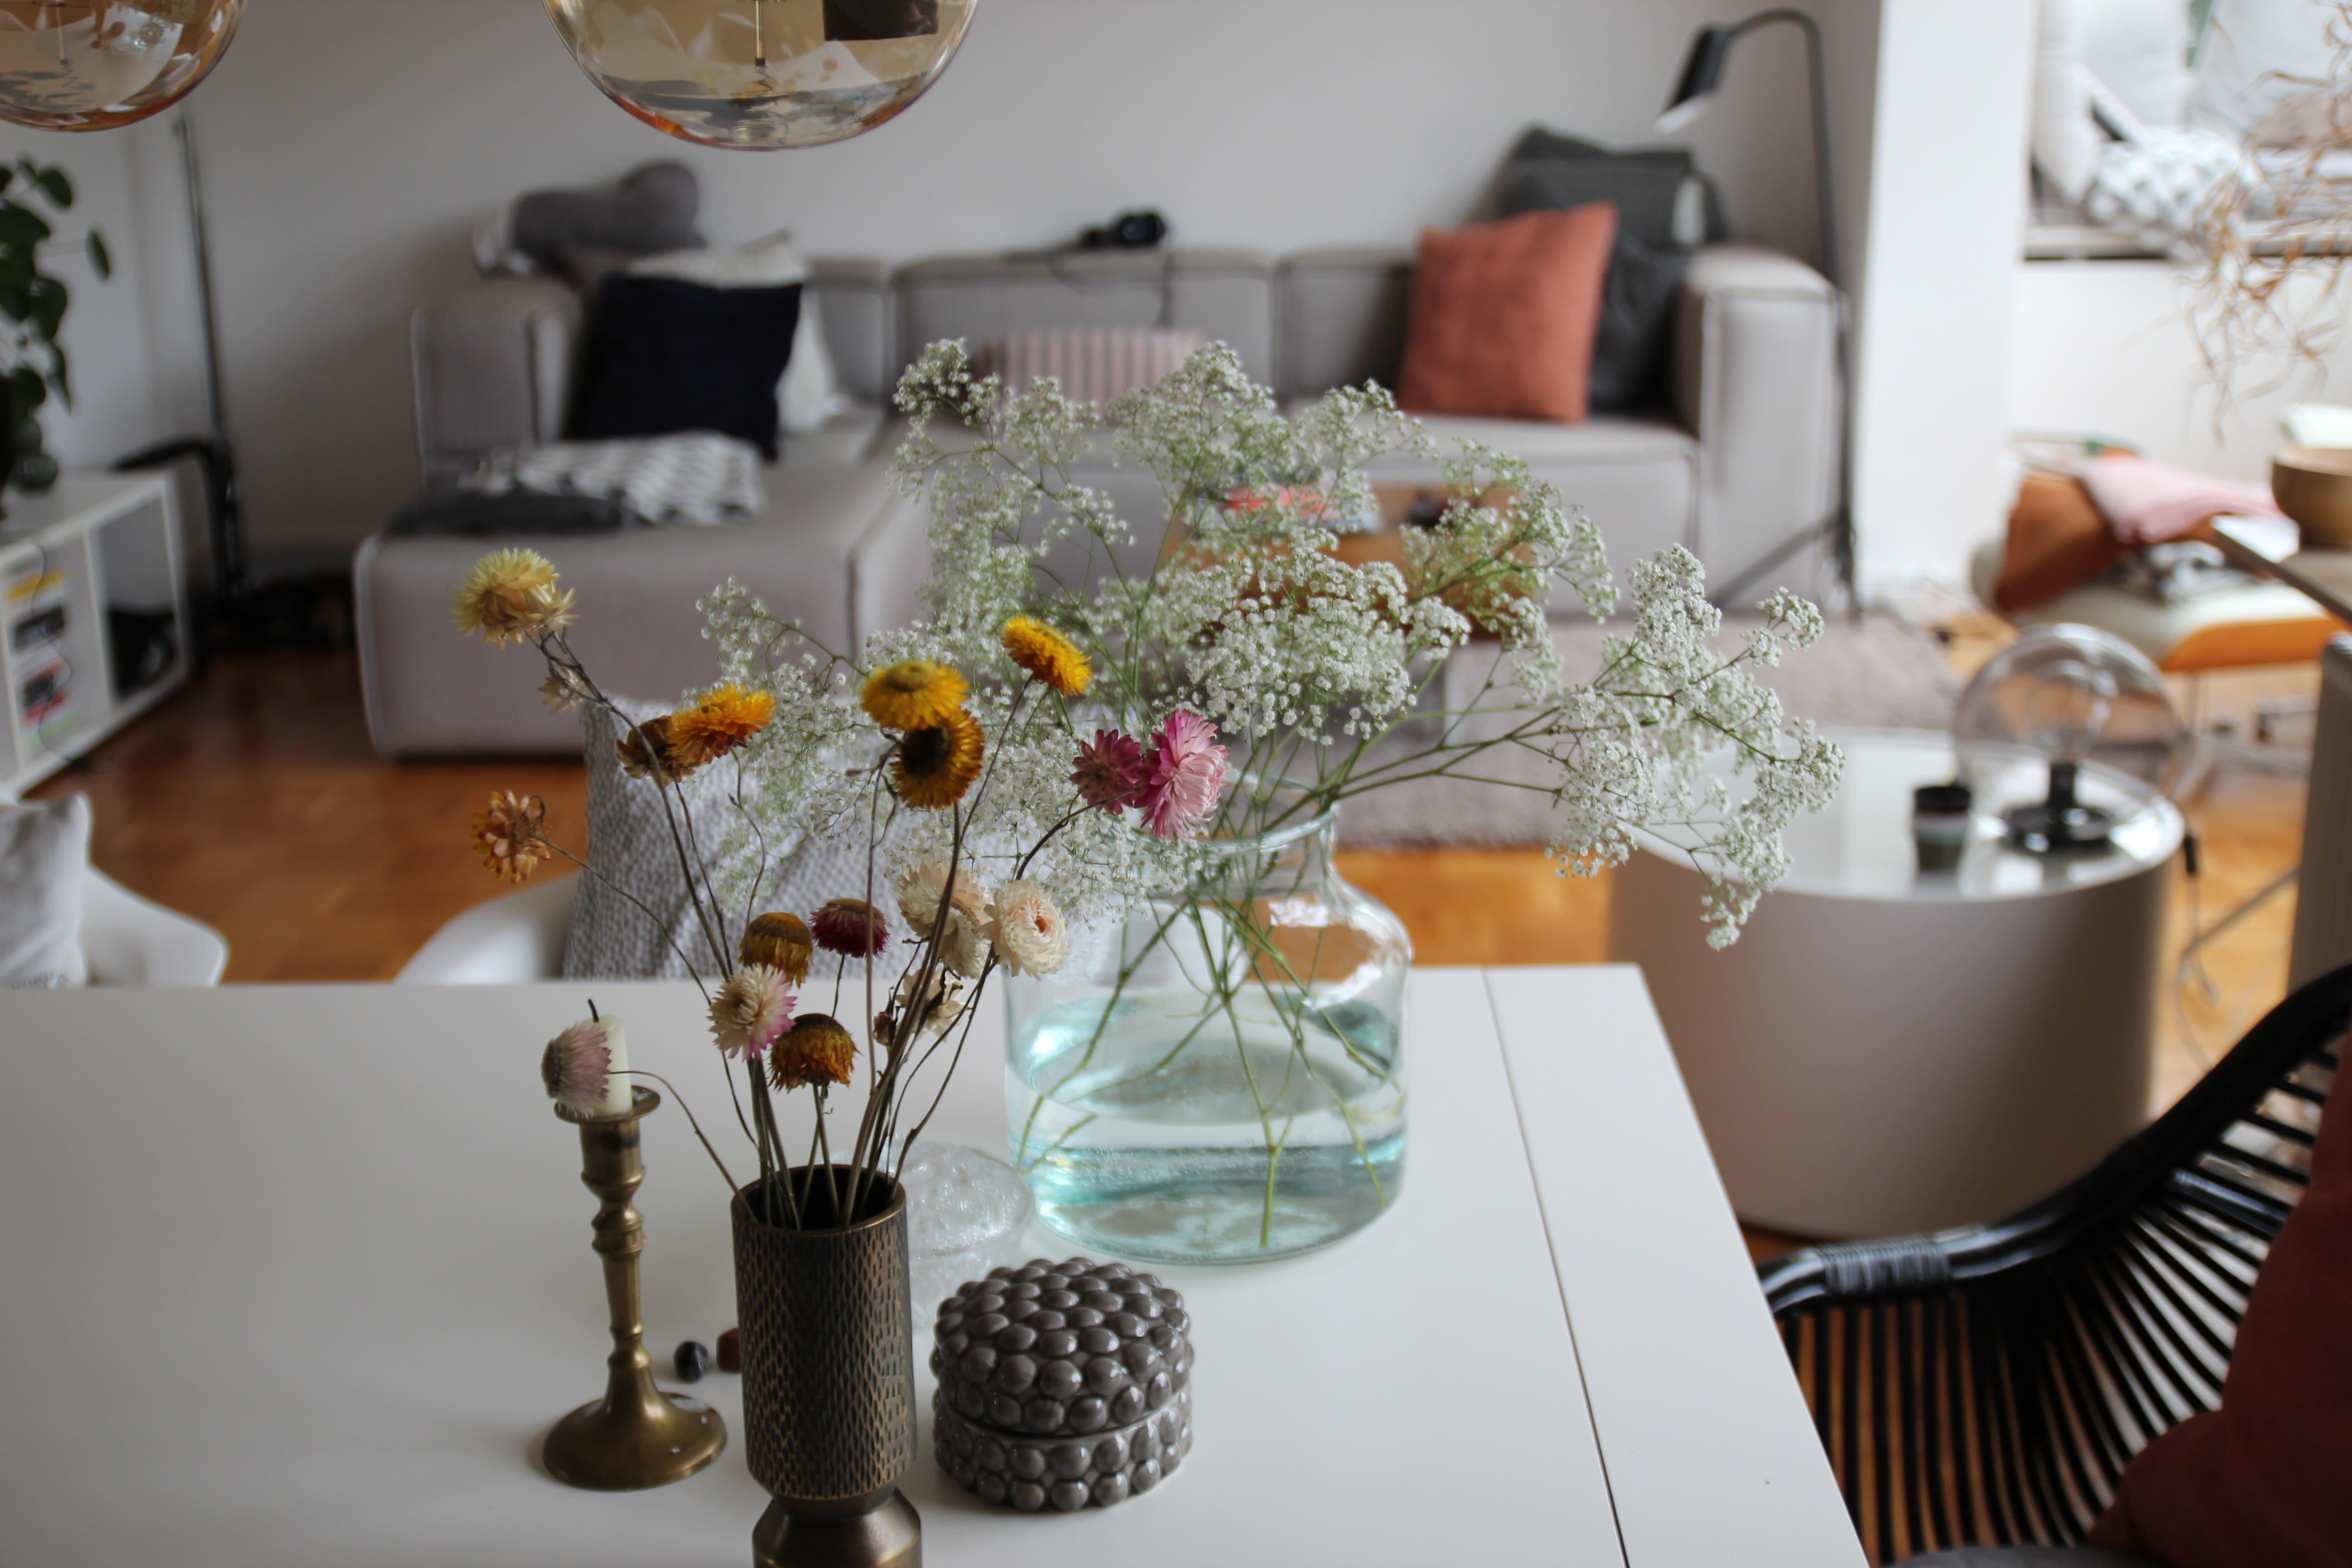 Wohnzimmer - - Zuhause bei Stefanie - Dekoideen und zeitlose Accessoires zeigt sie bei desmondo.de